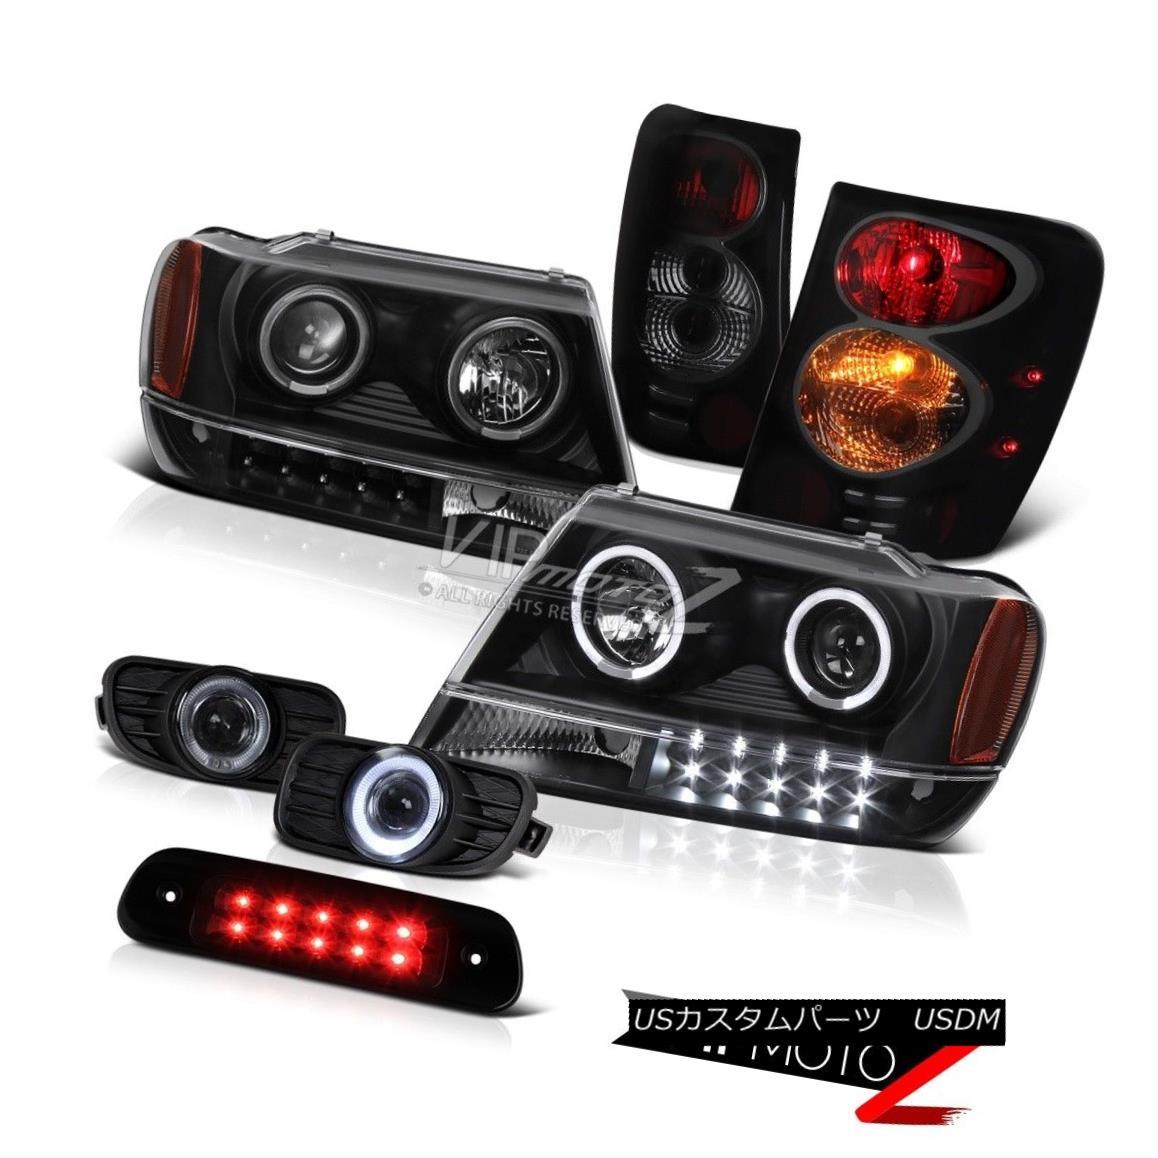 ヘッドライト 99-03 Jeep Grand Cherokee 4X4 Roof Brake Lamp Fog Lights Tail Headlamps LED Bk 99-03ジープグランドチェロキー4X4ルーフブレーキランプフォグライトテールヘッドランプLED Bk